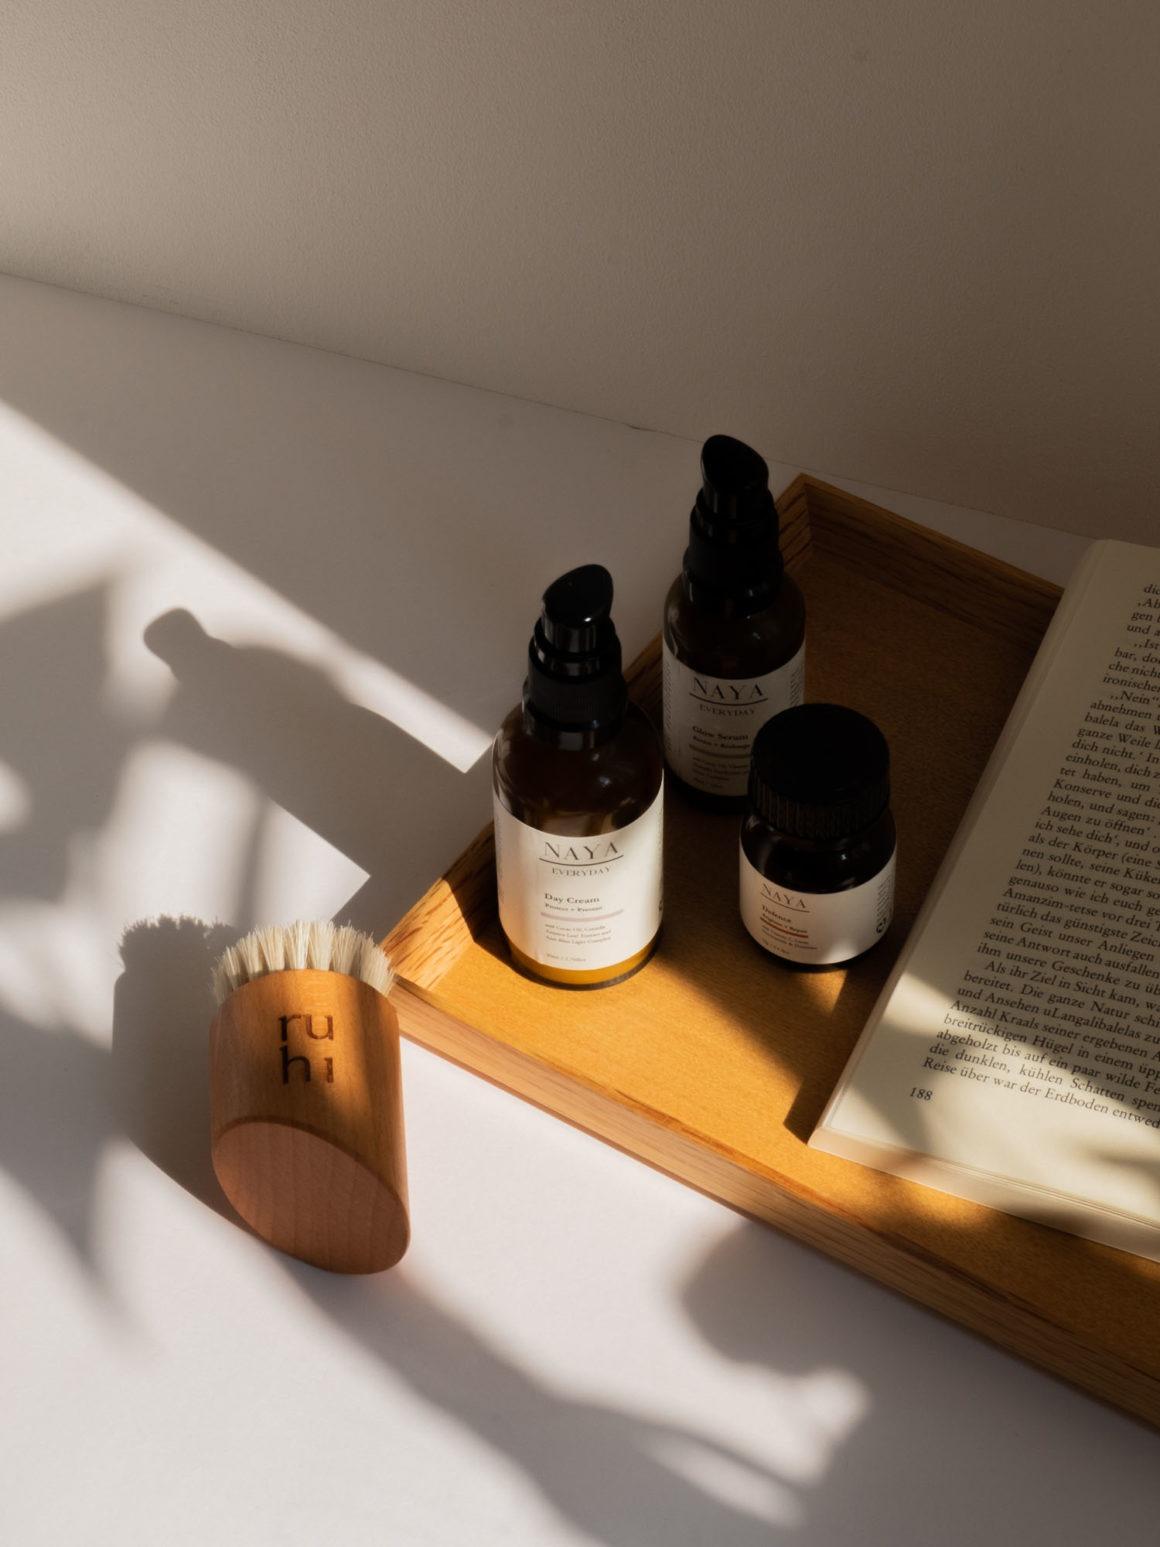 Beautyblog BareMinds Naya Glow Naturkosmetik ohne ätherischen Ölen 3